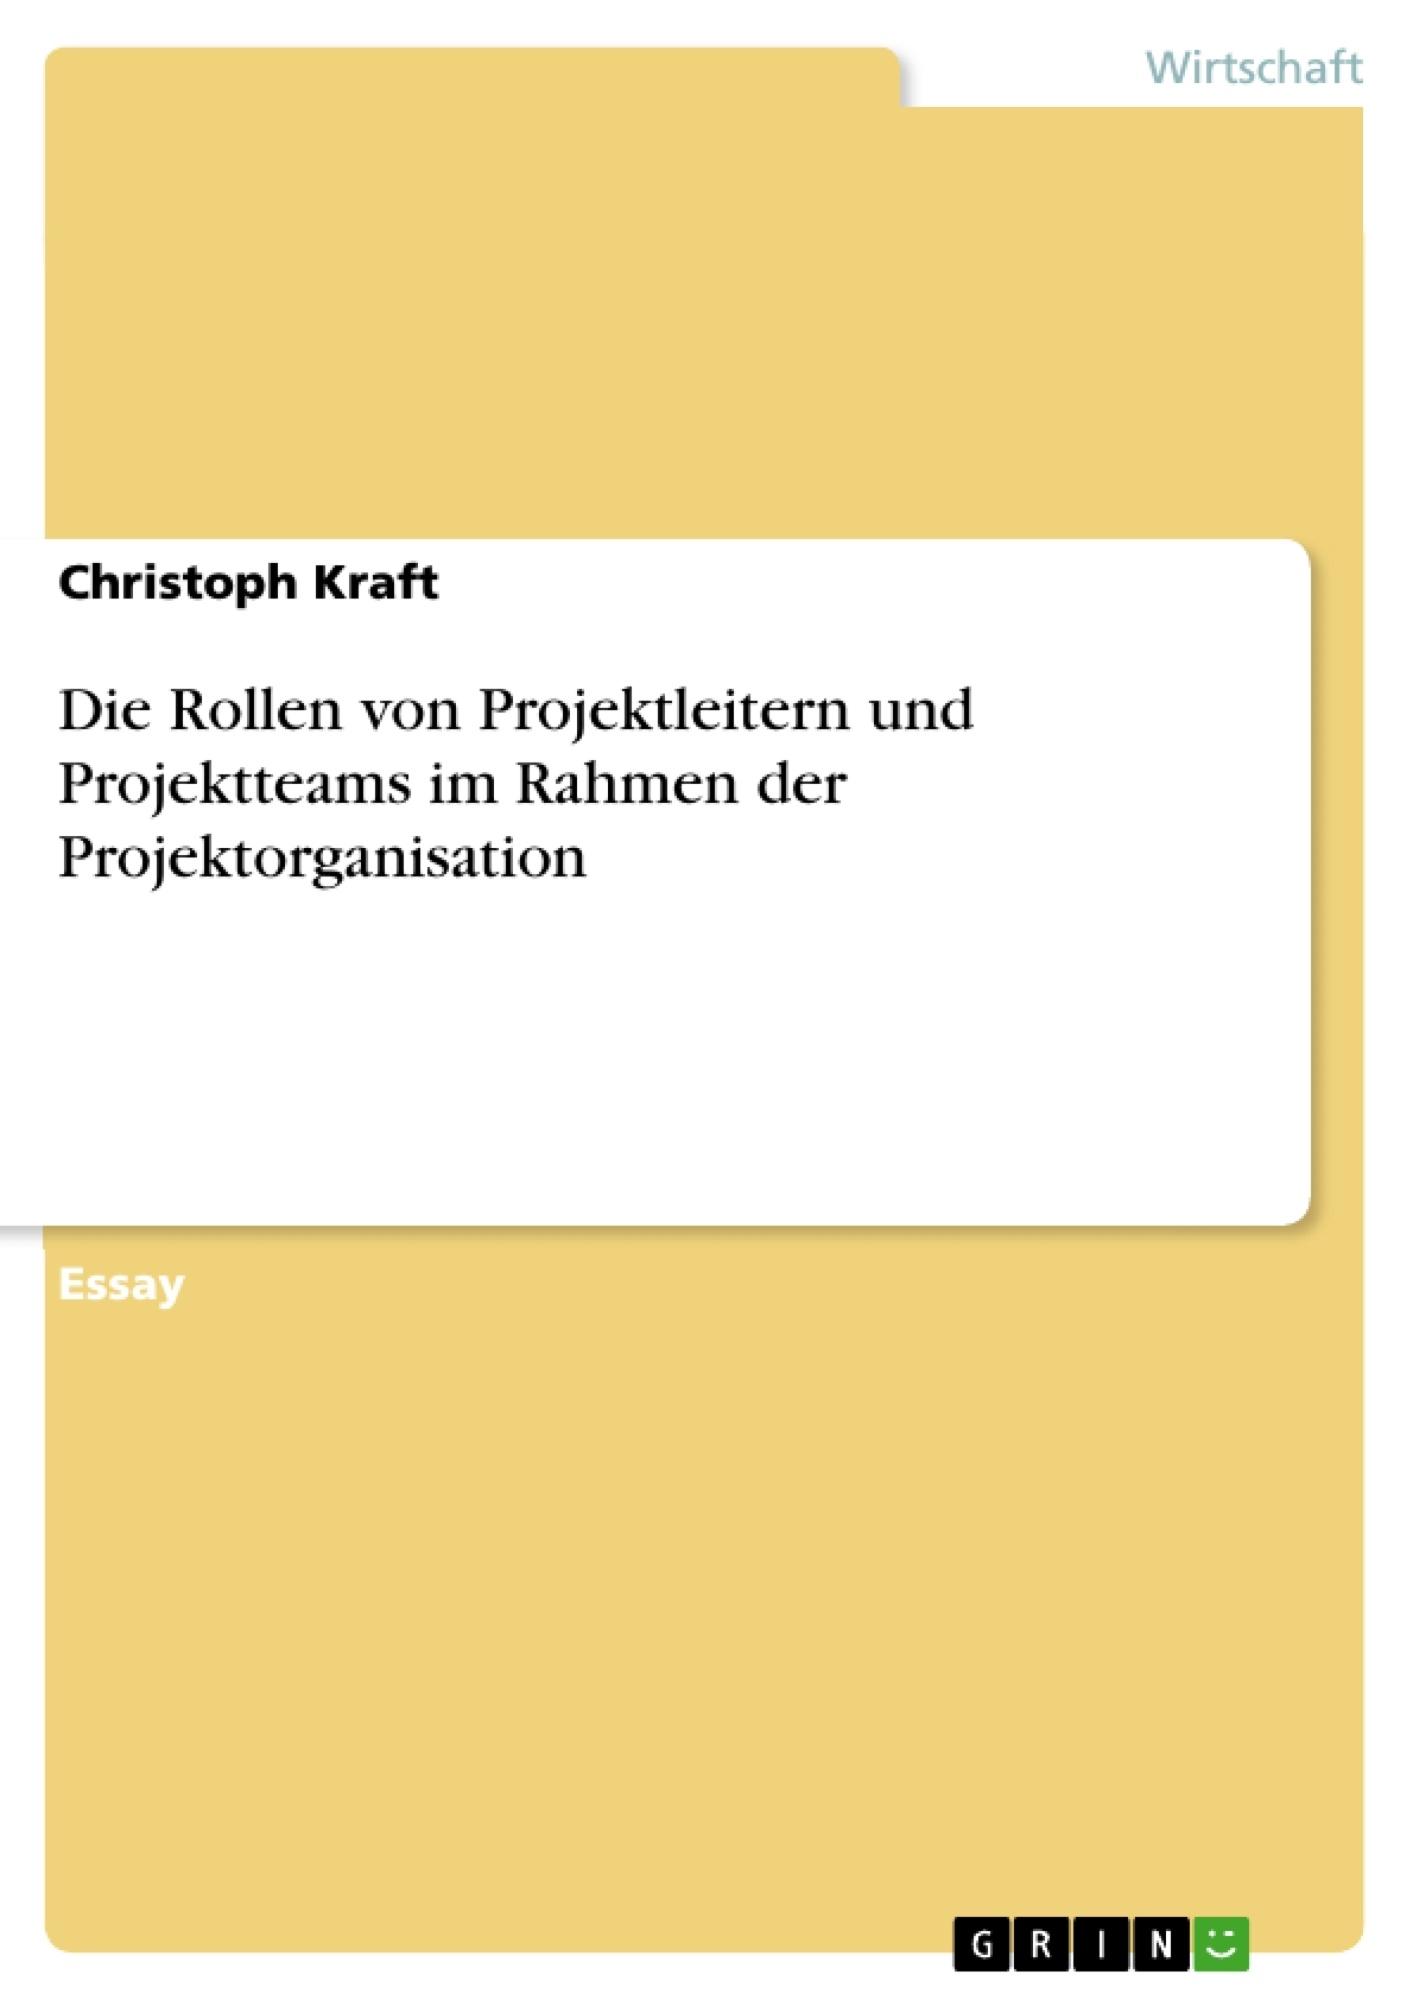 Titel: Die Rollen von Projektleitern und Projektteams im Rahmen der Projektorganisation